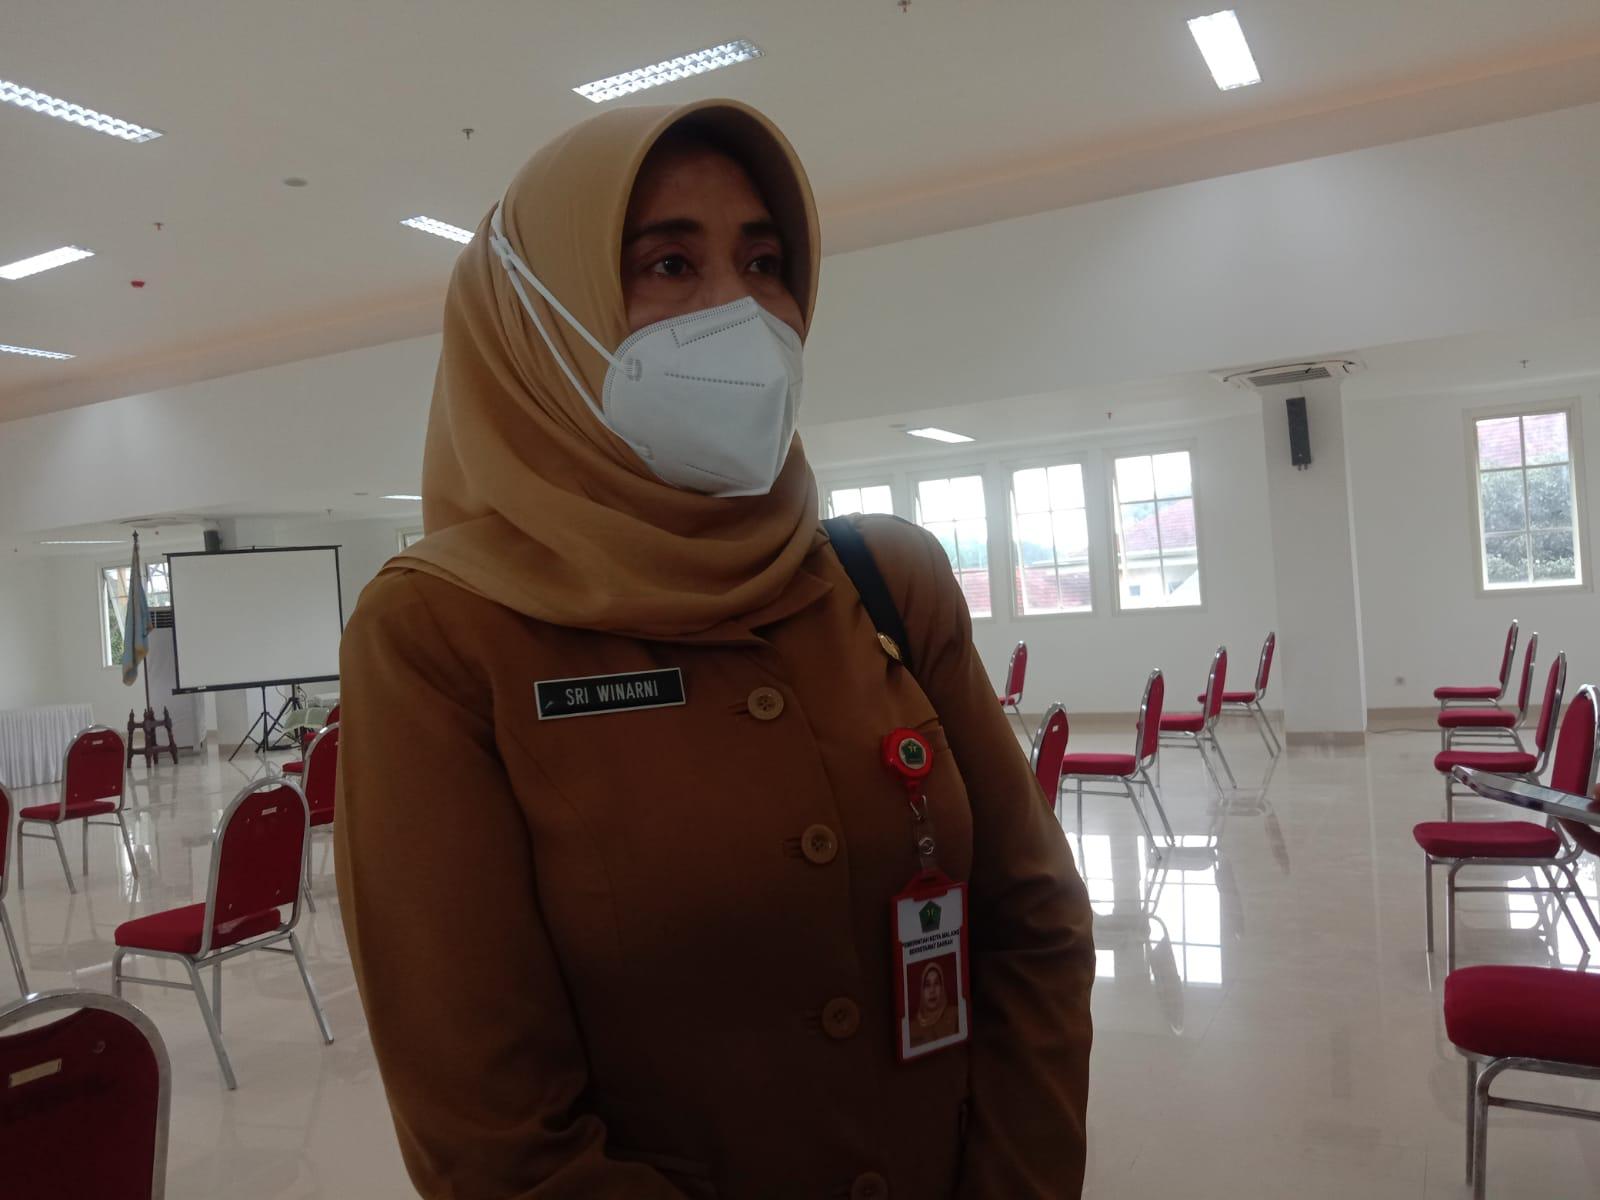 Plt Kepala Dinas Kesehatan (Dinkes) Kota Malang Sri Winarni. (Foto: Feni Yusnia/ Tugu Jatim)